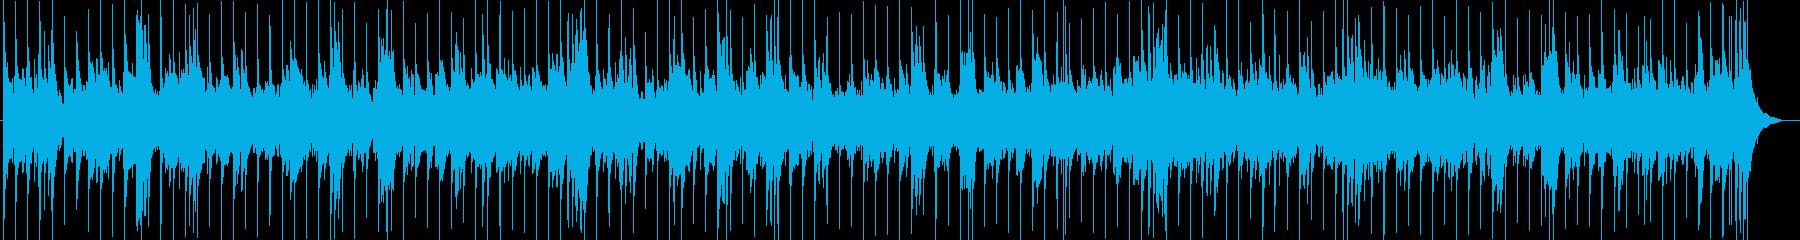 レイドバックしたカントリー系ロックの再生済みの波形